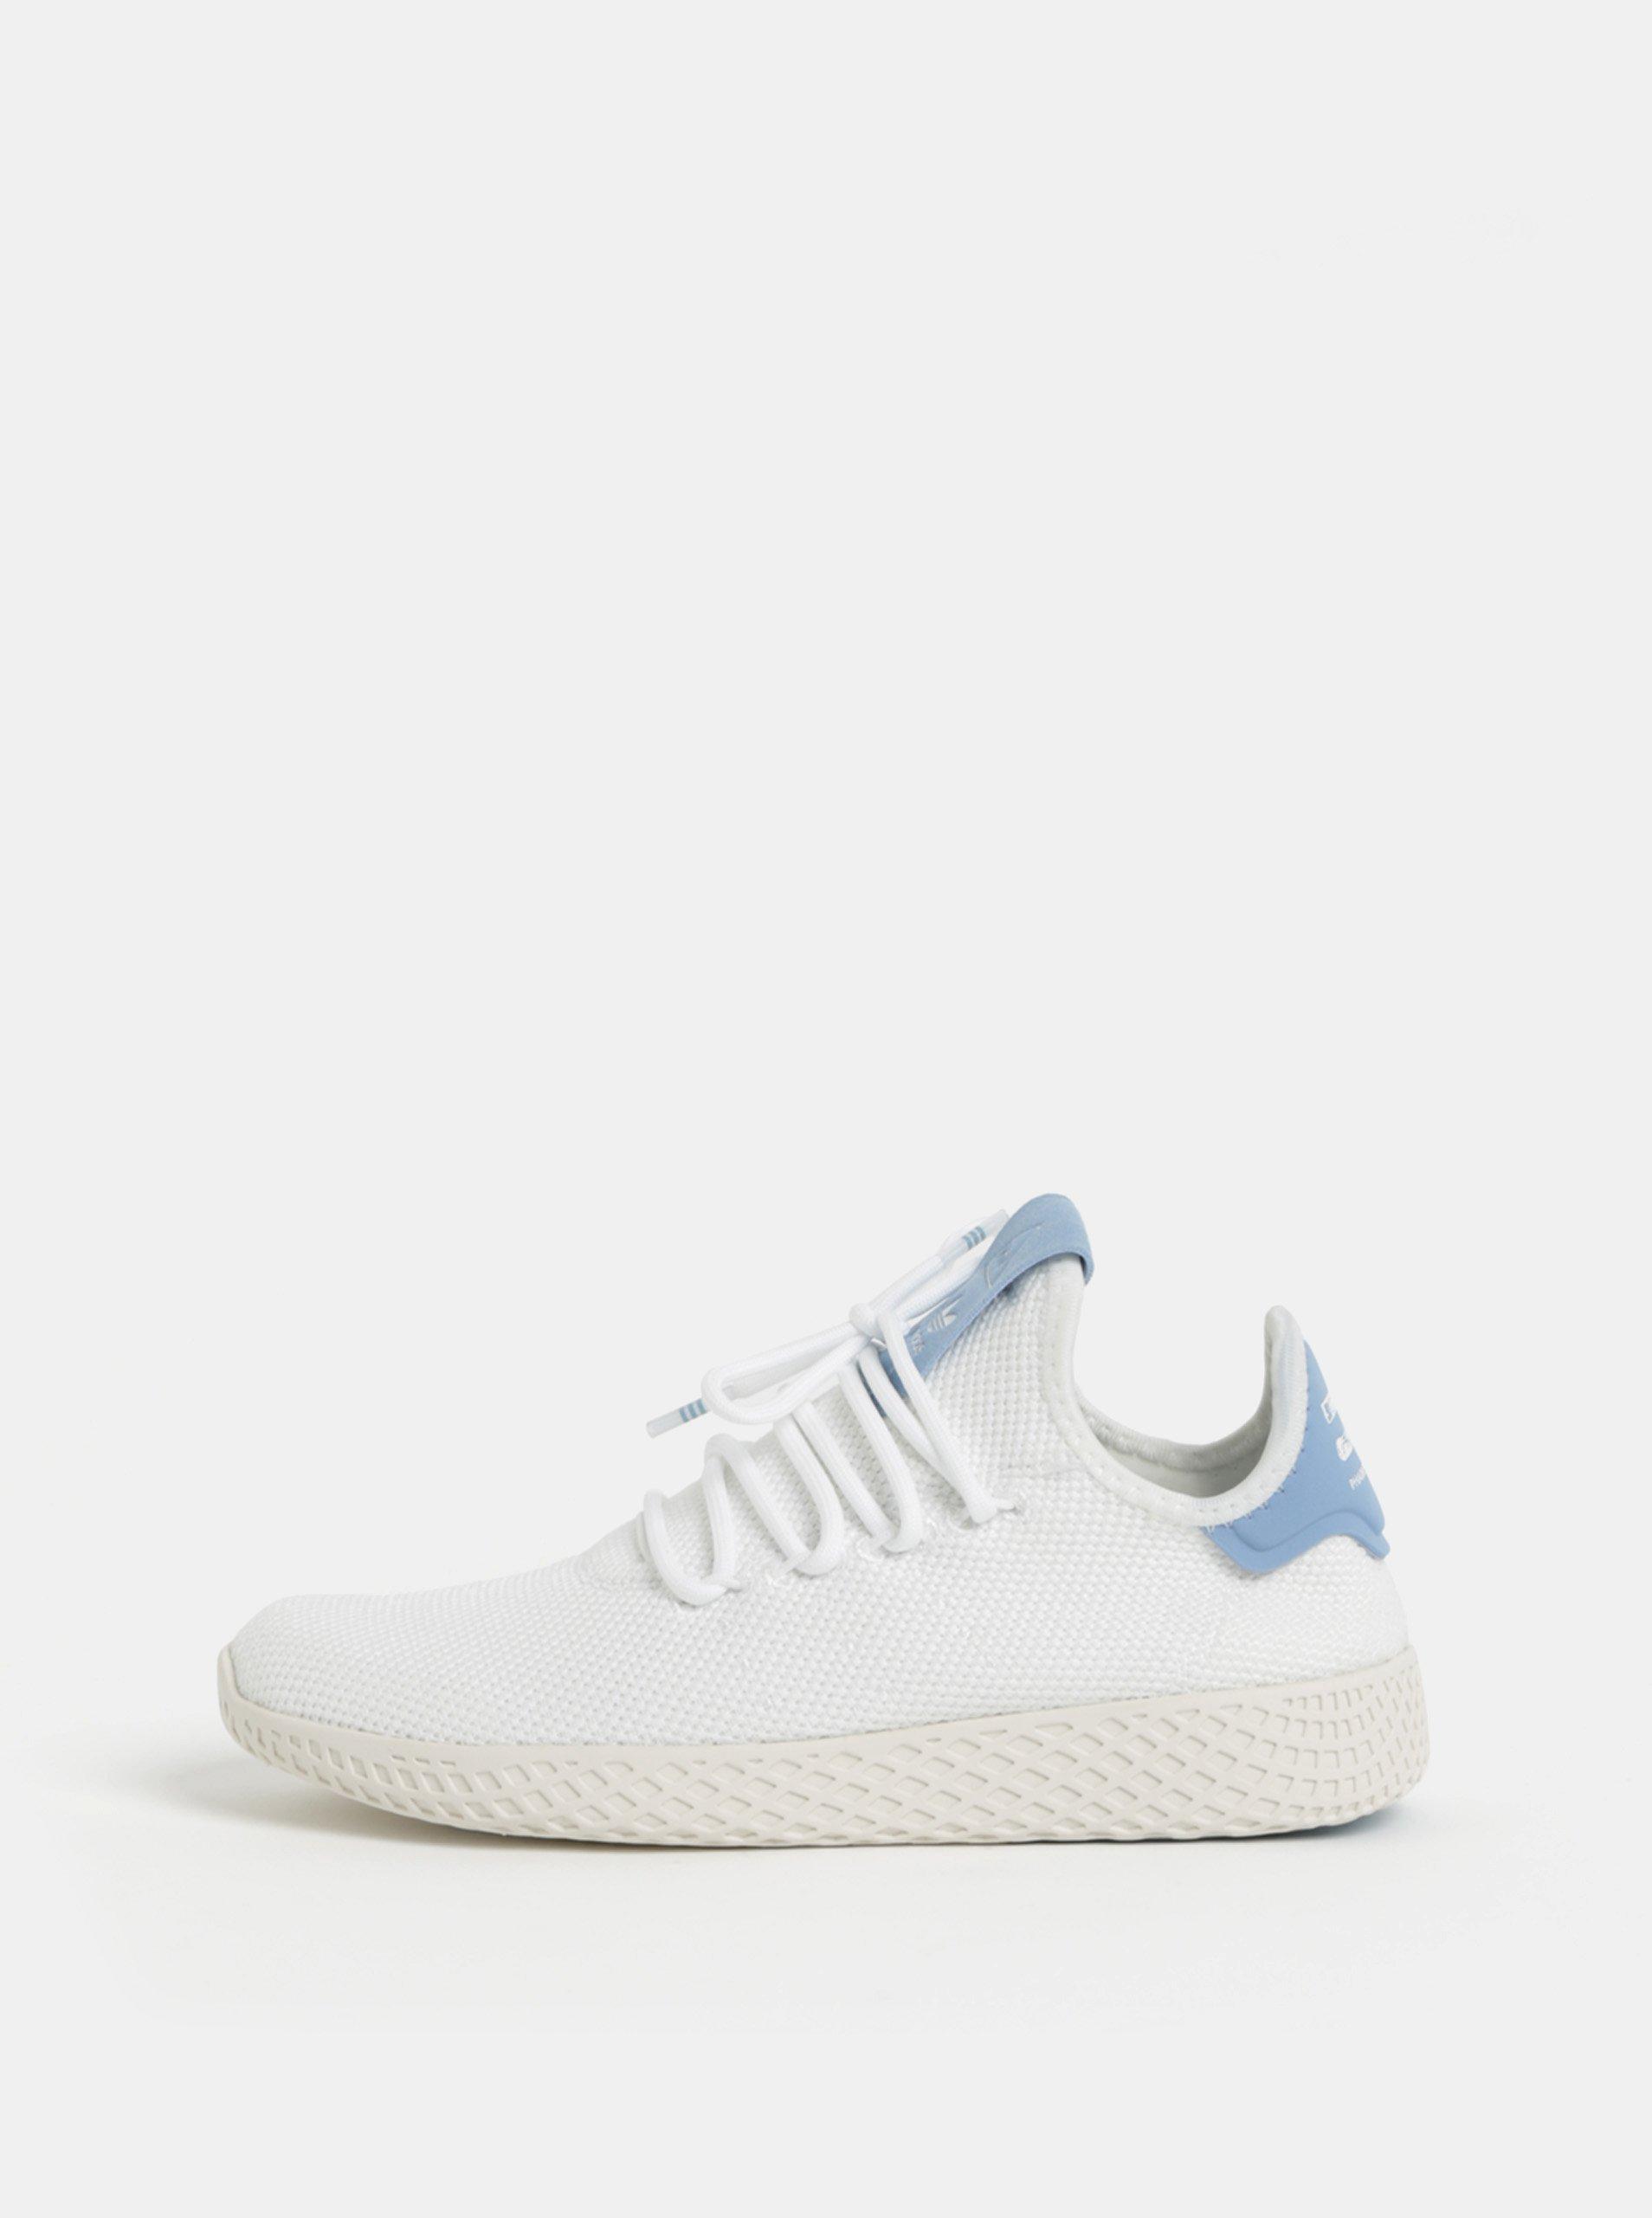 07302494fc6a2 Modro-biele dámske tenisky adidas Originals Tennis - Glami.sk